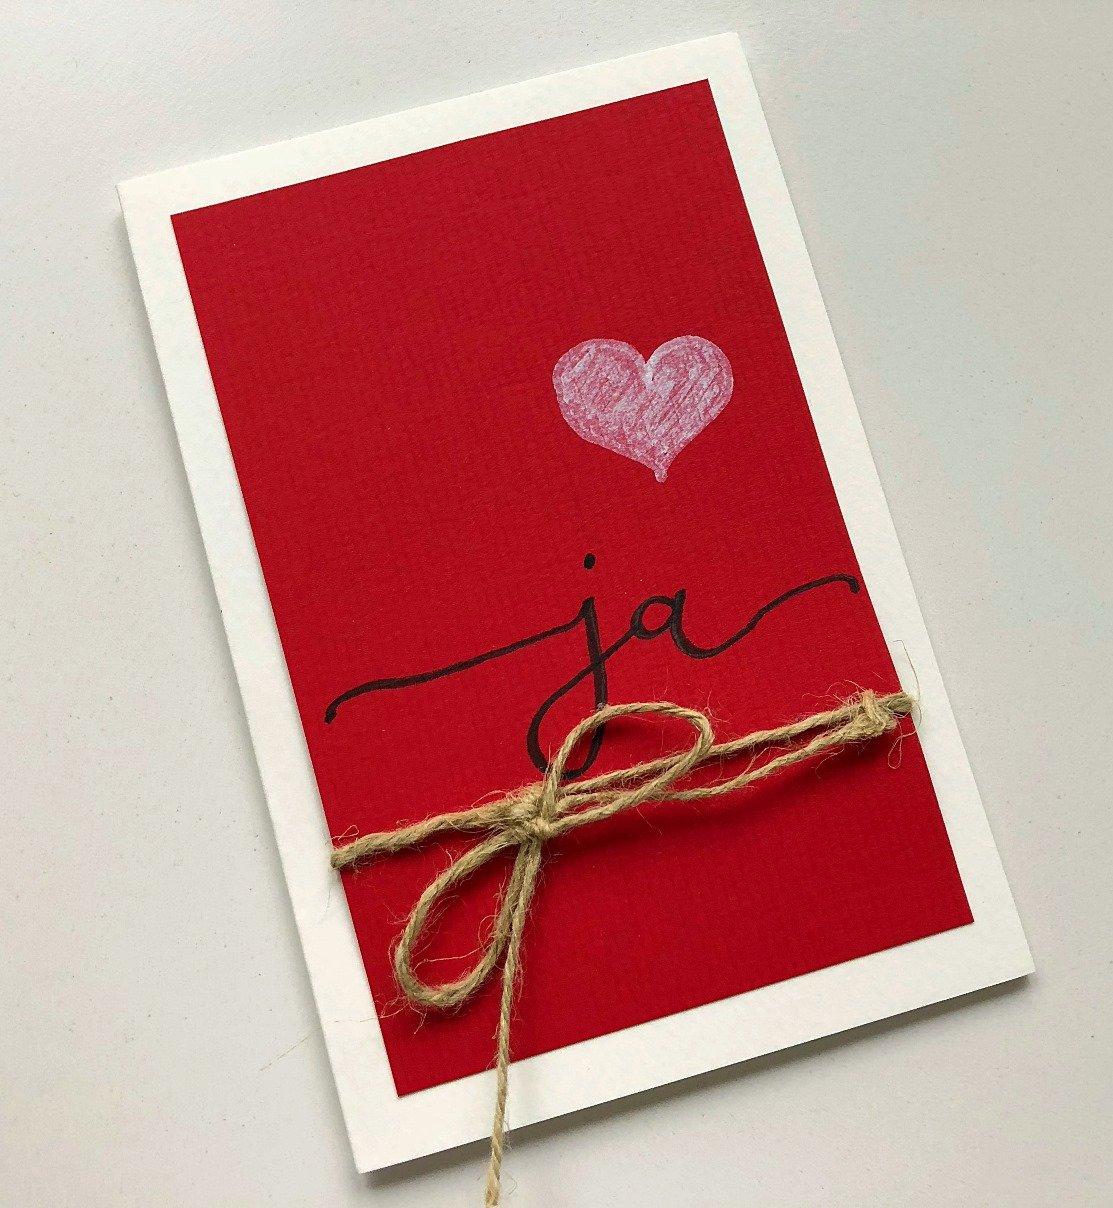 Foto 03.05.18 19 19 10 - Hochzeitskarte basteln